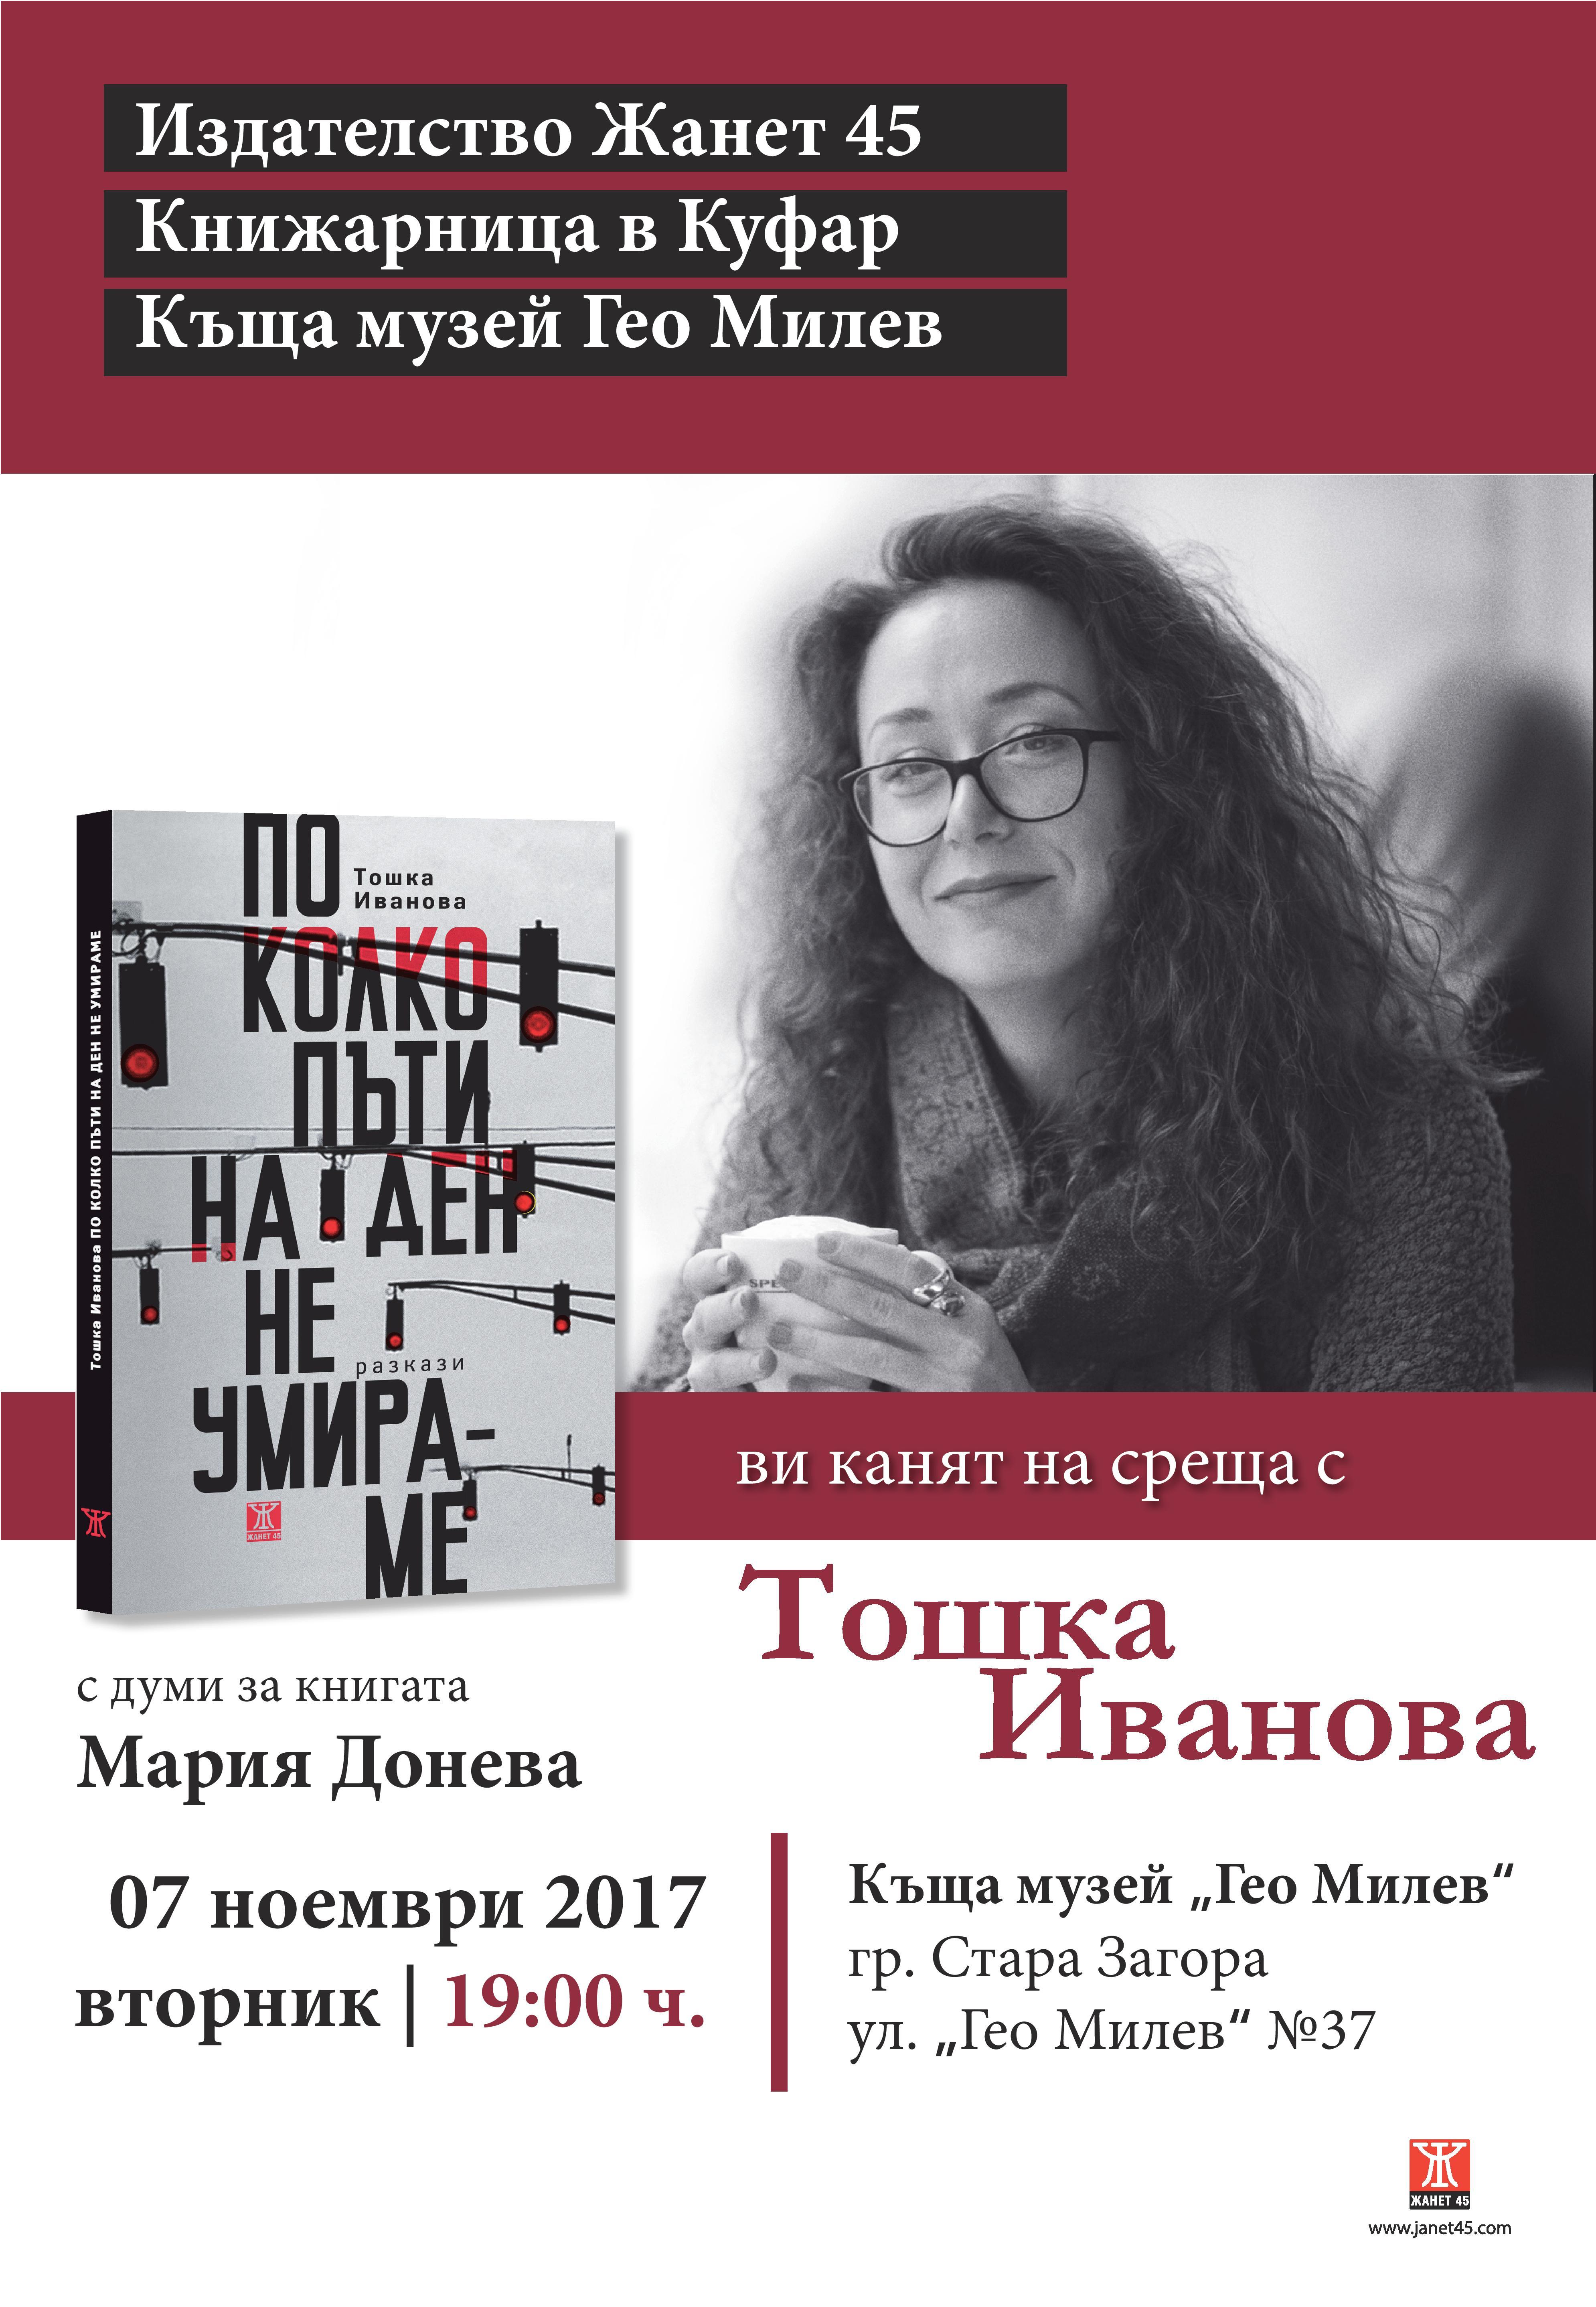 """Представяне на книгата """"По колко пъти на ден не умираме"""" от Тошка Иванова в София"""